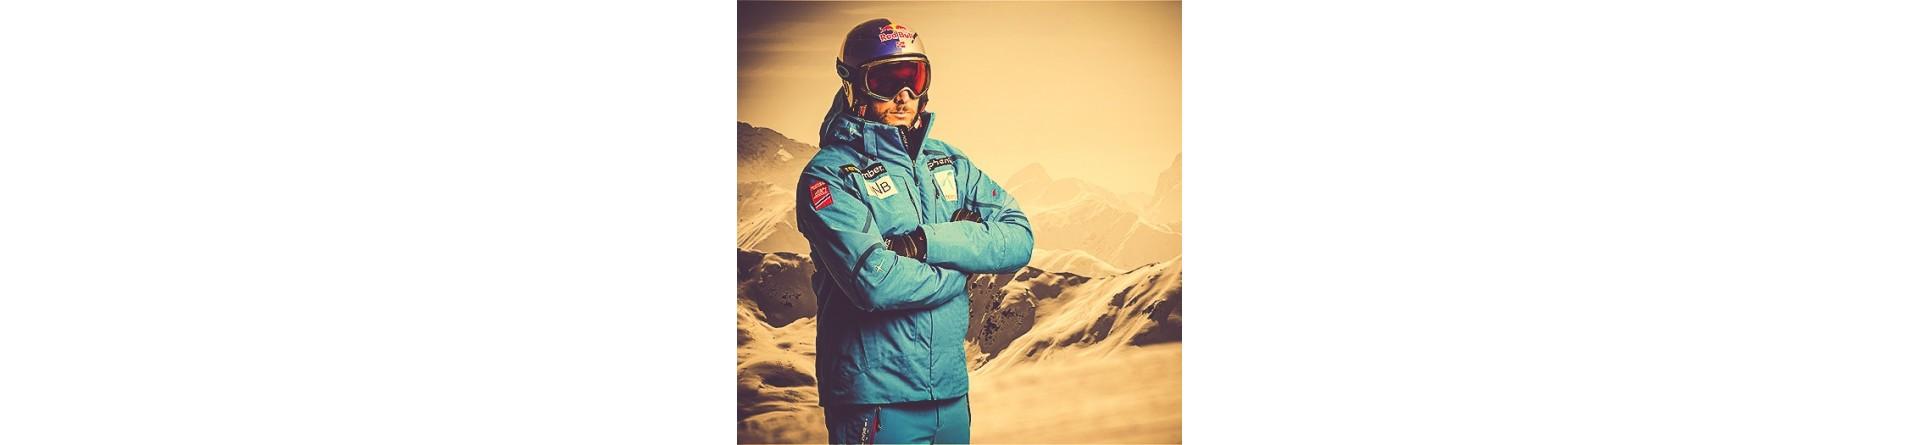 Abbigliamento Sci Alpino | Giuglar Shop